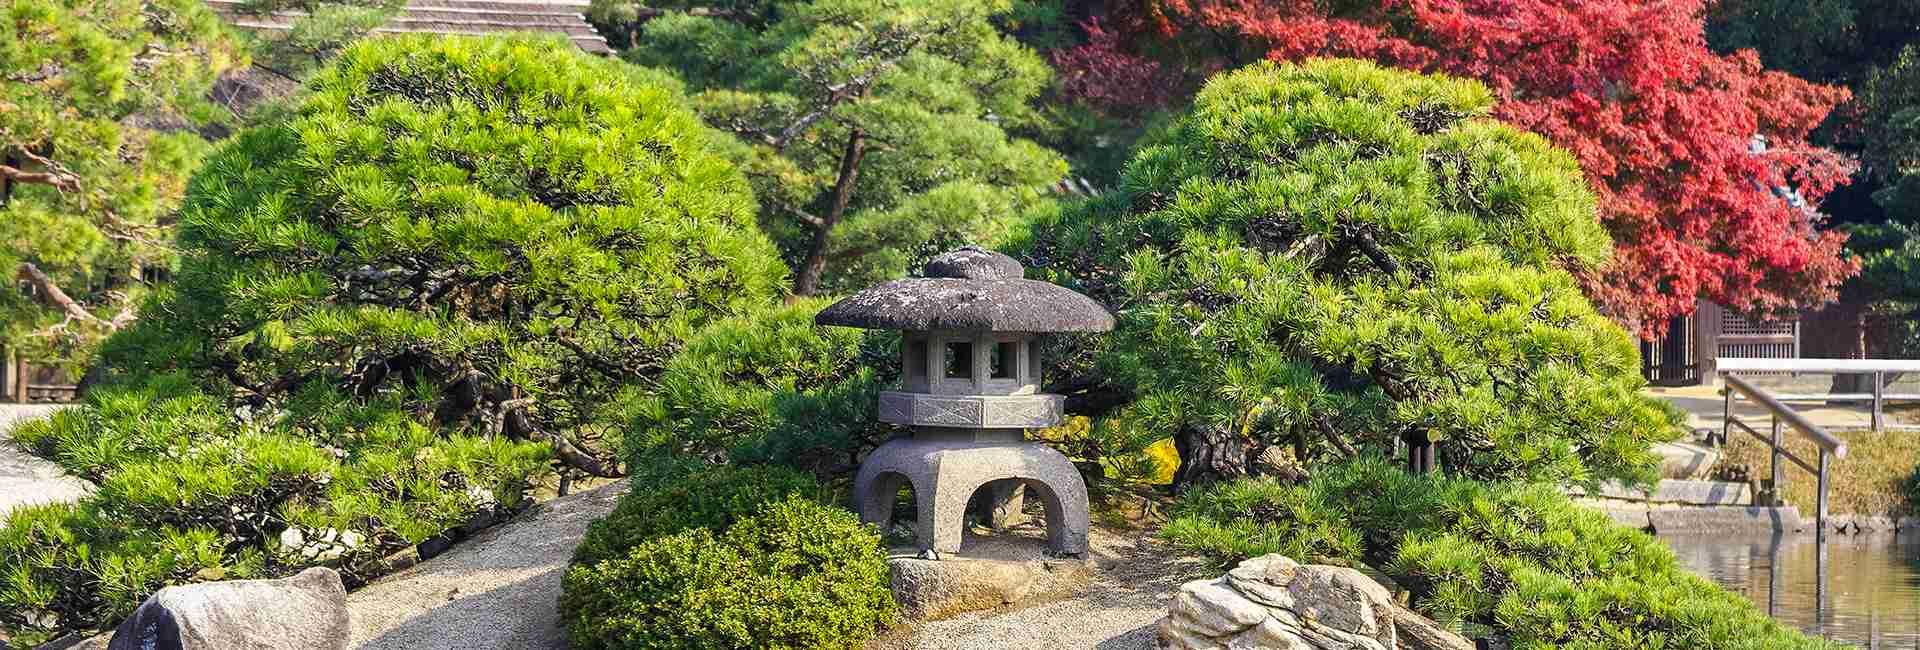 Kenrokuen garden in Okayama, Japan